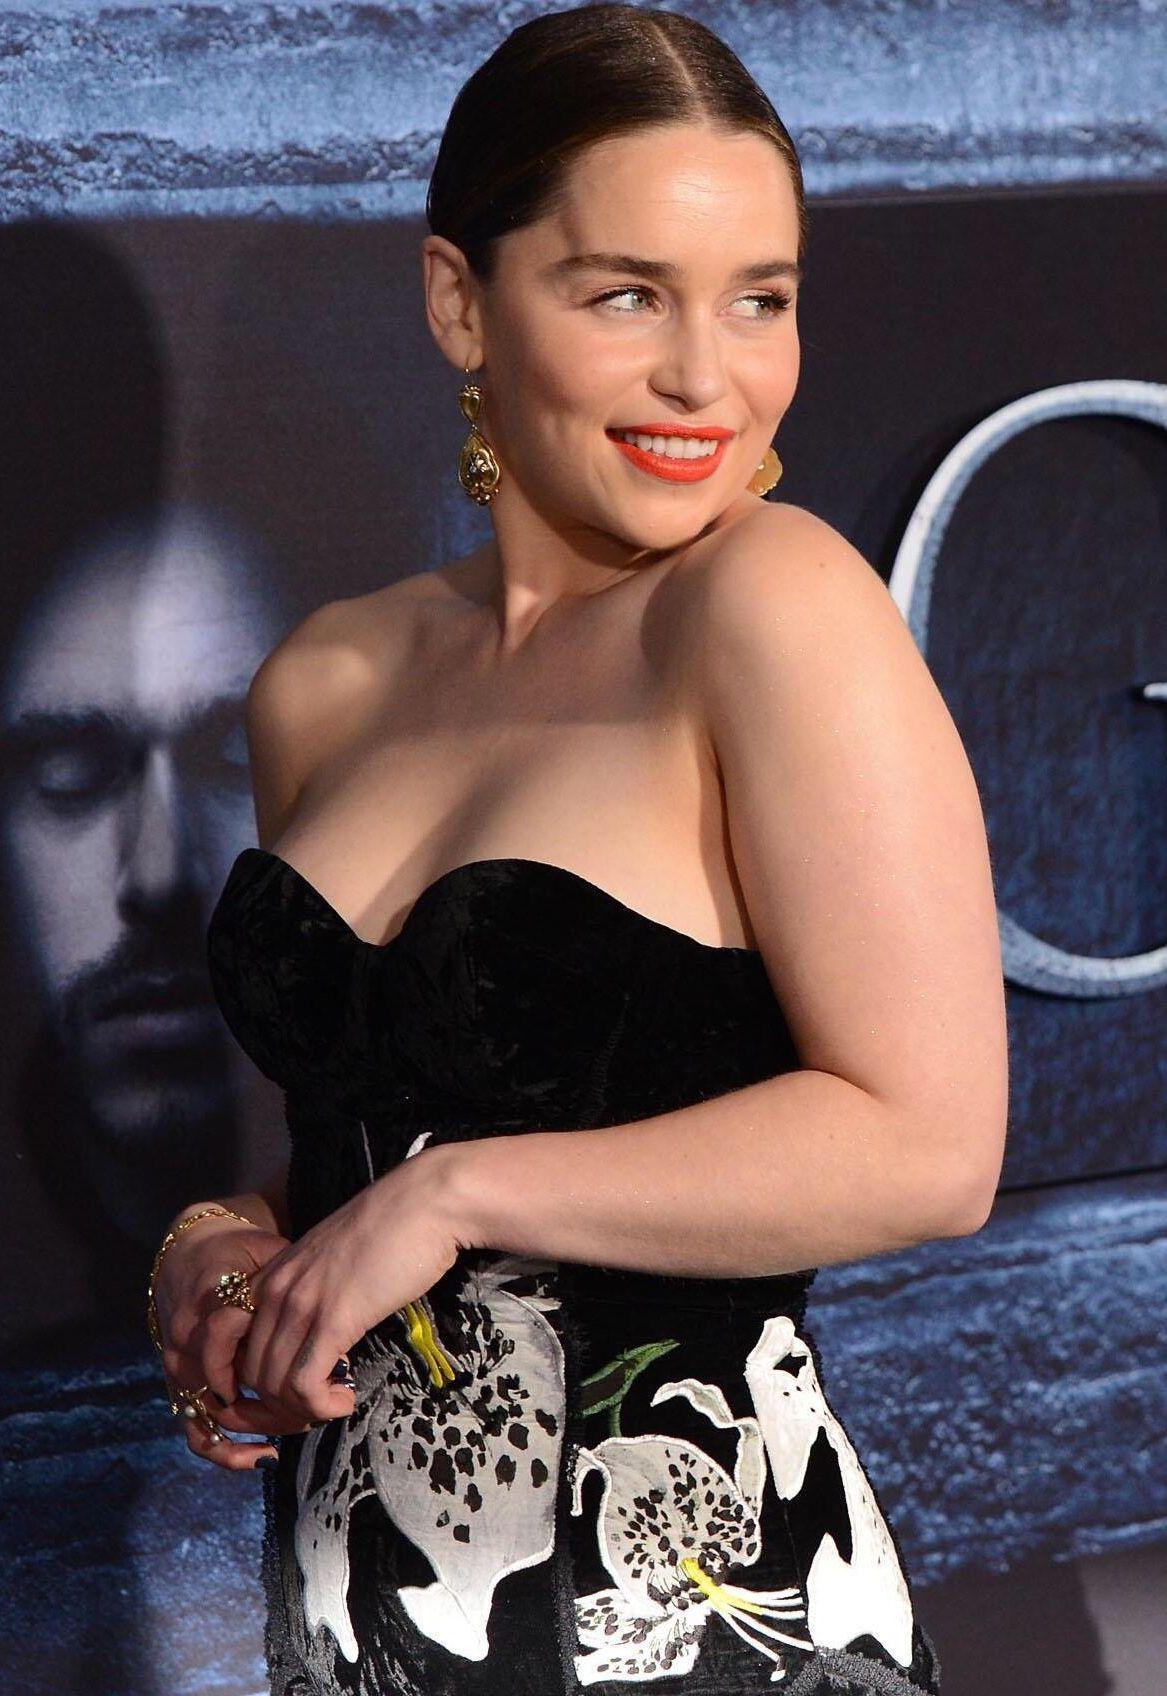 Photo of Emilia Clarke #emiliaclarke Emilia Clarke